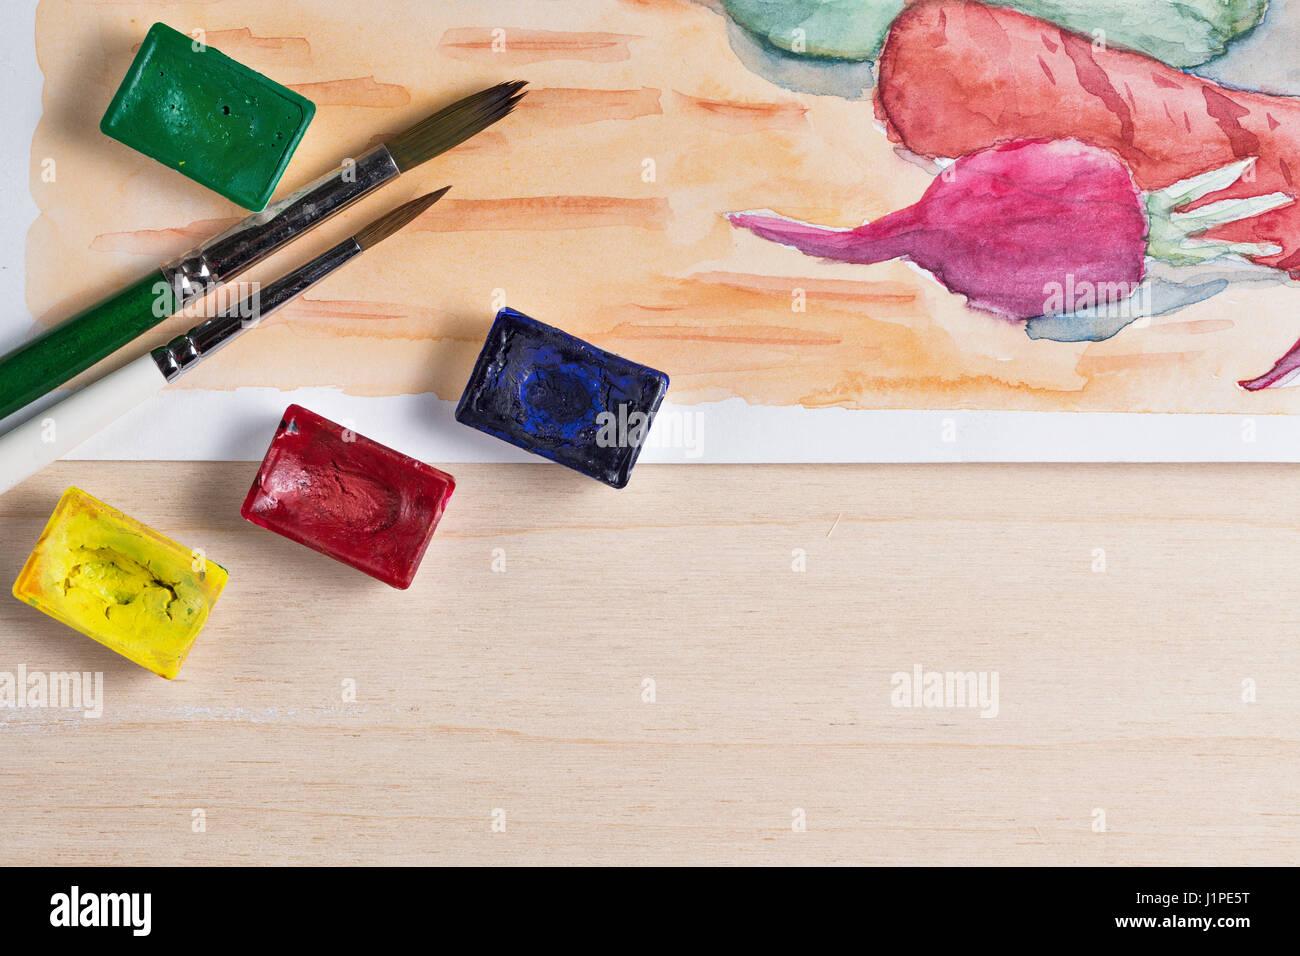 Stillleben Aquarell malen. Gemüse auf dem Küchentisch. Pinsel und ...